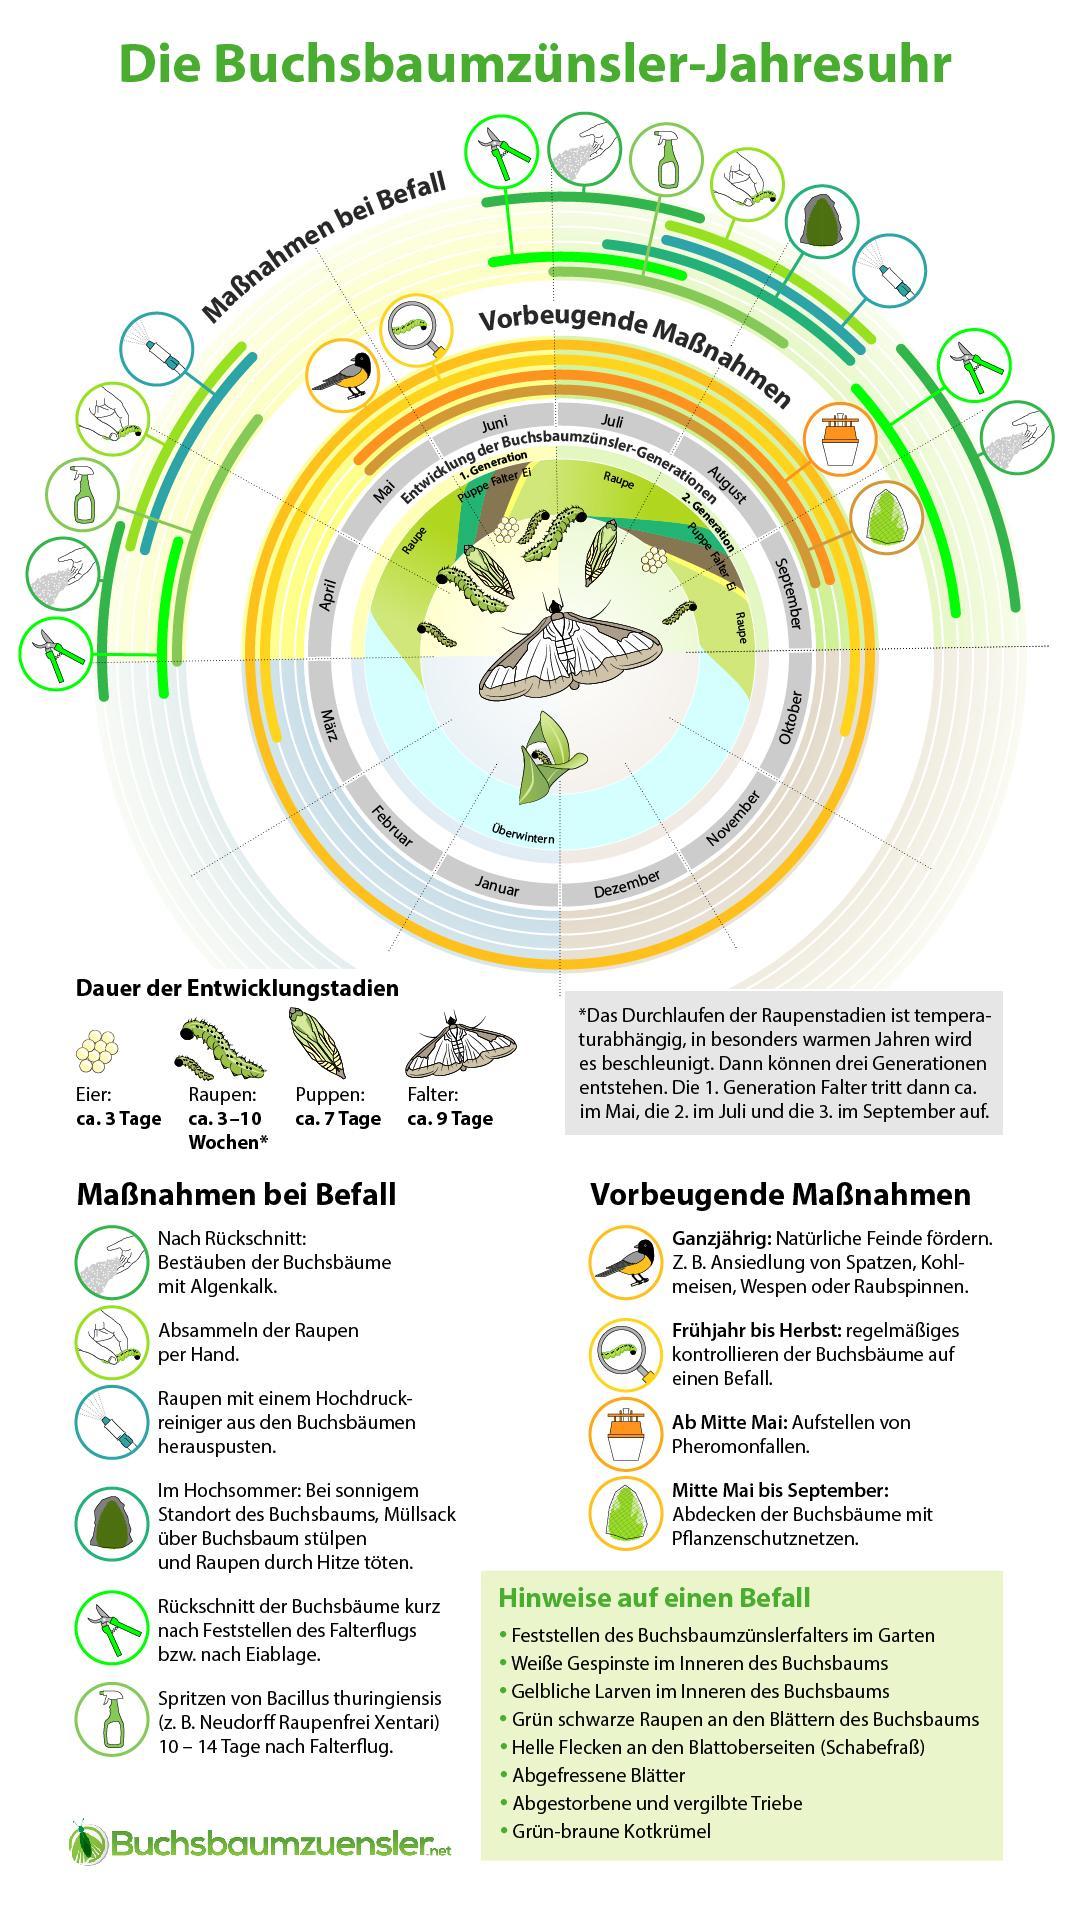 Buchsbaumzünsler Jahresuhr - erkennen, vorbeugen, bekämpfen